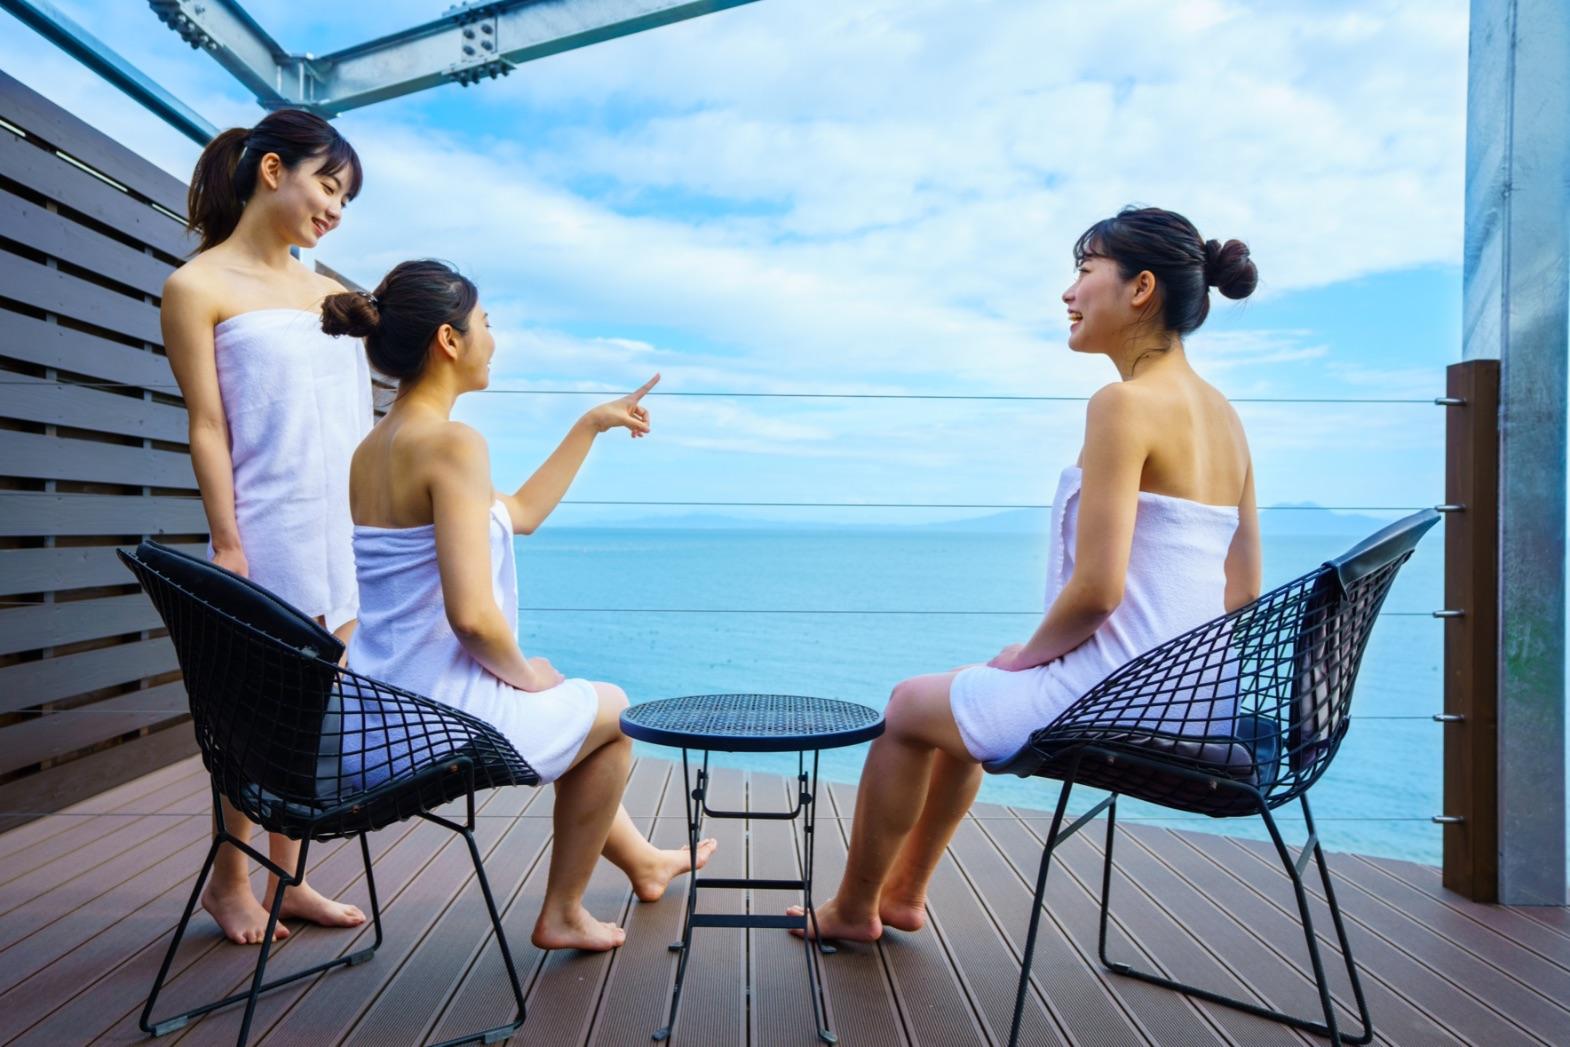 %e9%95%b7%e5%b4%8e%e7%9c%8c%e3%83%9b%e3%83%86%e3%83%ab-nagasaki-hotel-%e6%97%a5%e6%9c%ac%e6%97%85%e8%a1%8c-2